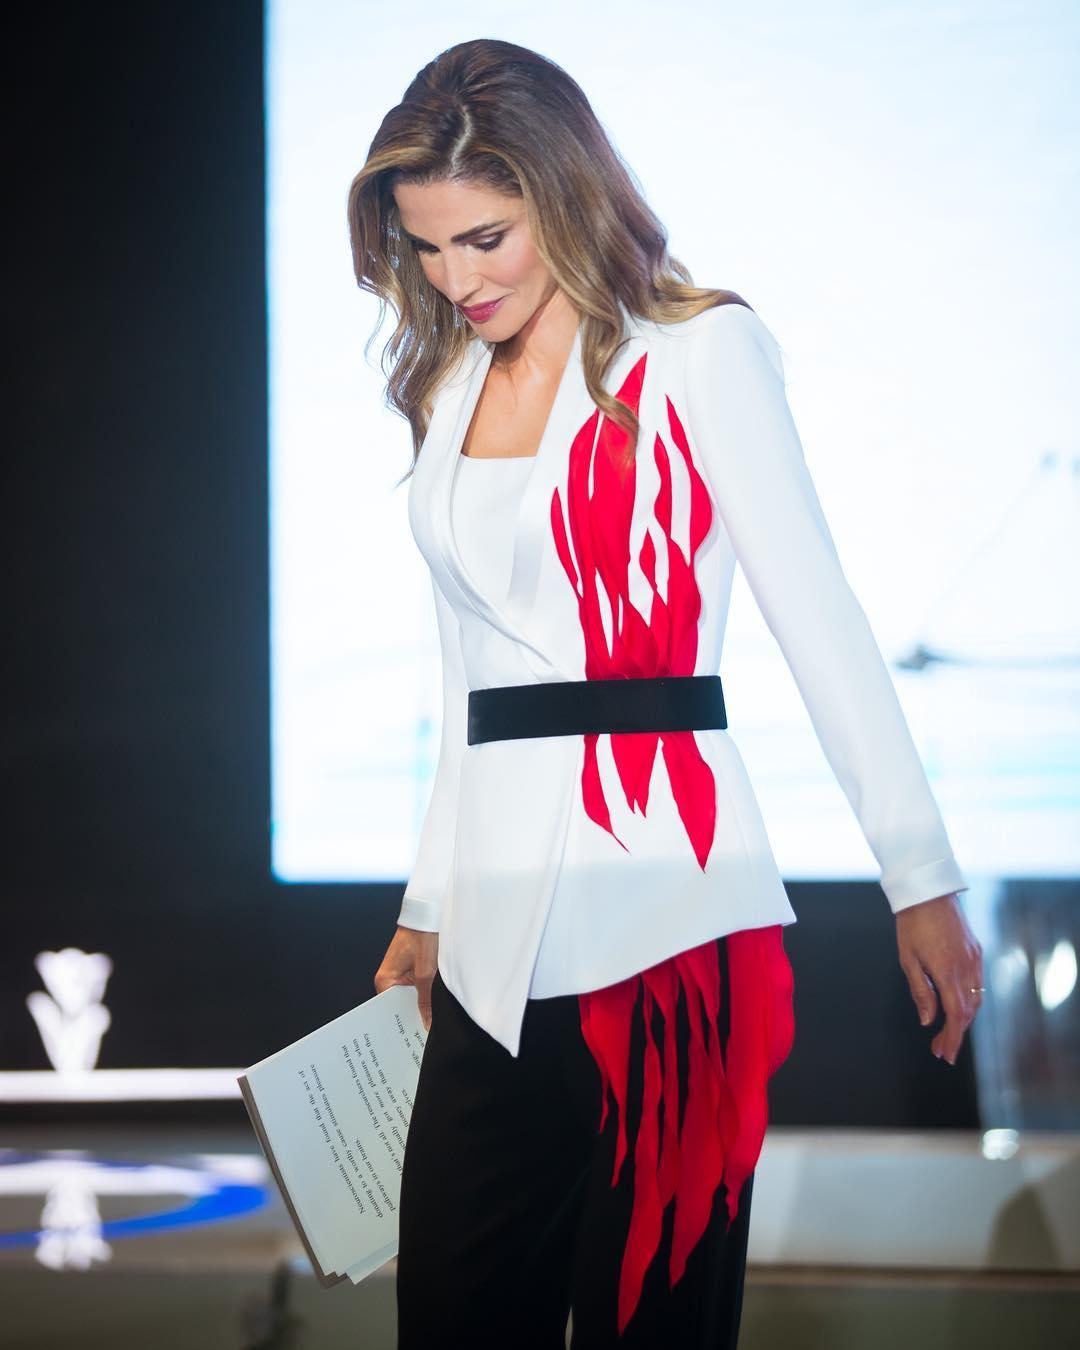 f80384c21169b الملكة رانيا صورة عن المرأة العاملة والمؤثرة وإطلالاتها تخبر عنها